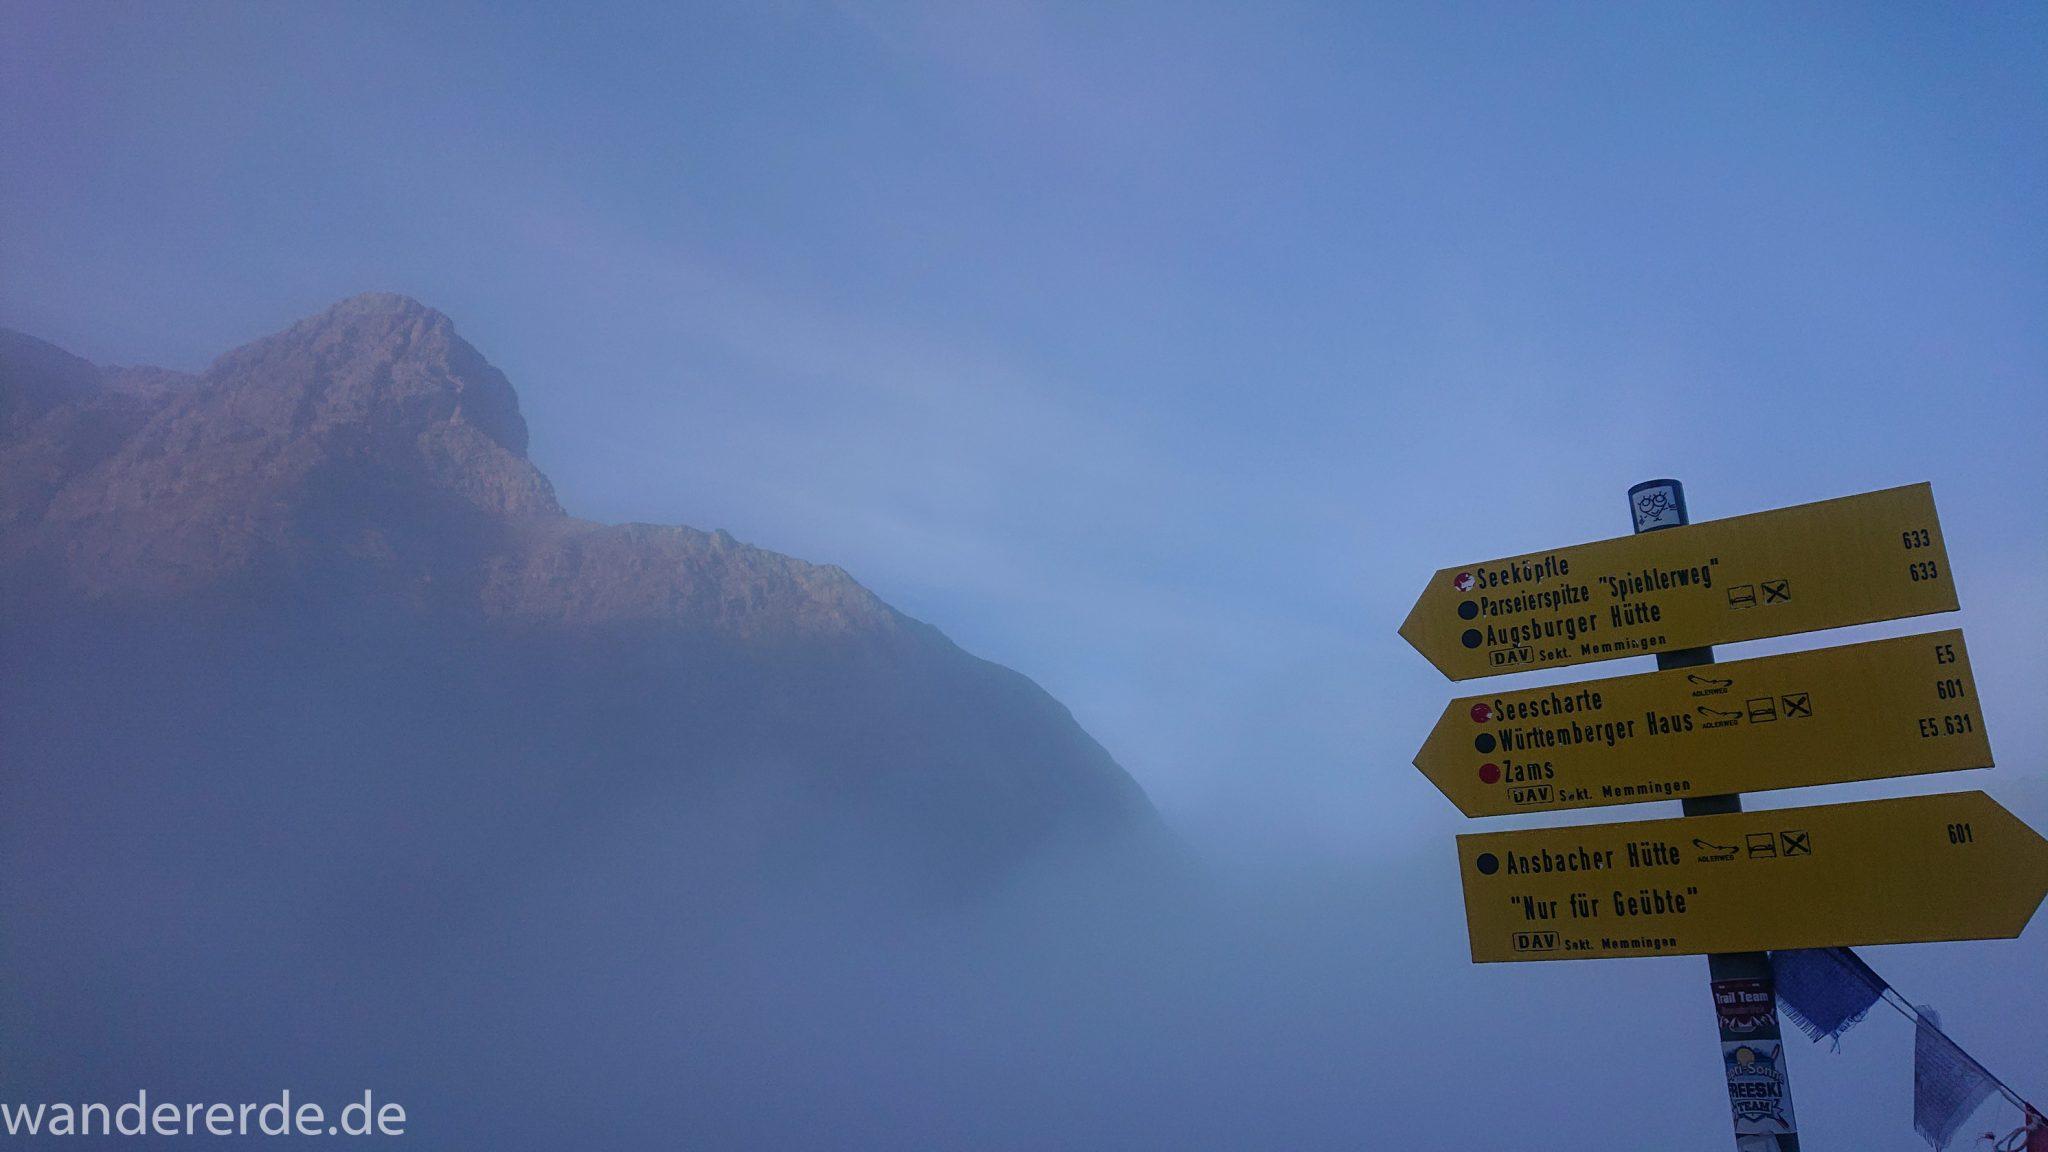 Alpenüberquerung Fernwanderweg E5 Oberstdorf Meran, 3. Etappe von Memminger Hütte zur Skihütte Zams, Berge sind am frühen Morgen noch in Nebel getaucht, aber die Sonne scheint, herrliches Wetter zum Wandern, Beschilderung E5 Weg führt über steilen und ausgesetzten Wanderweg über die Seescharte